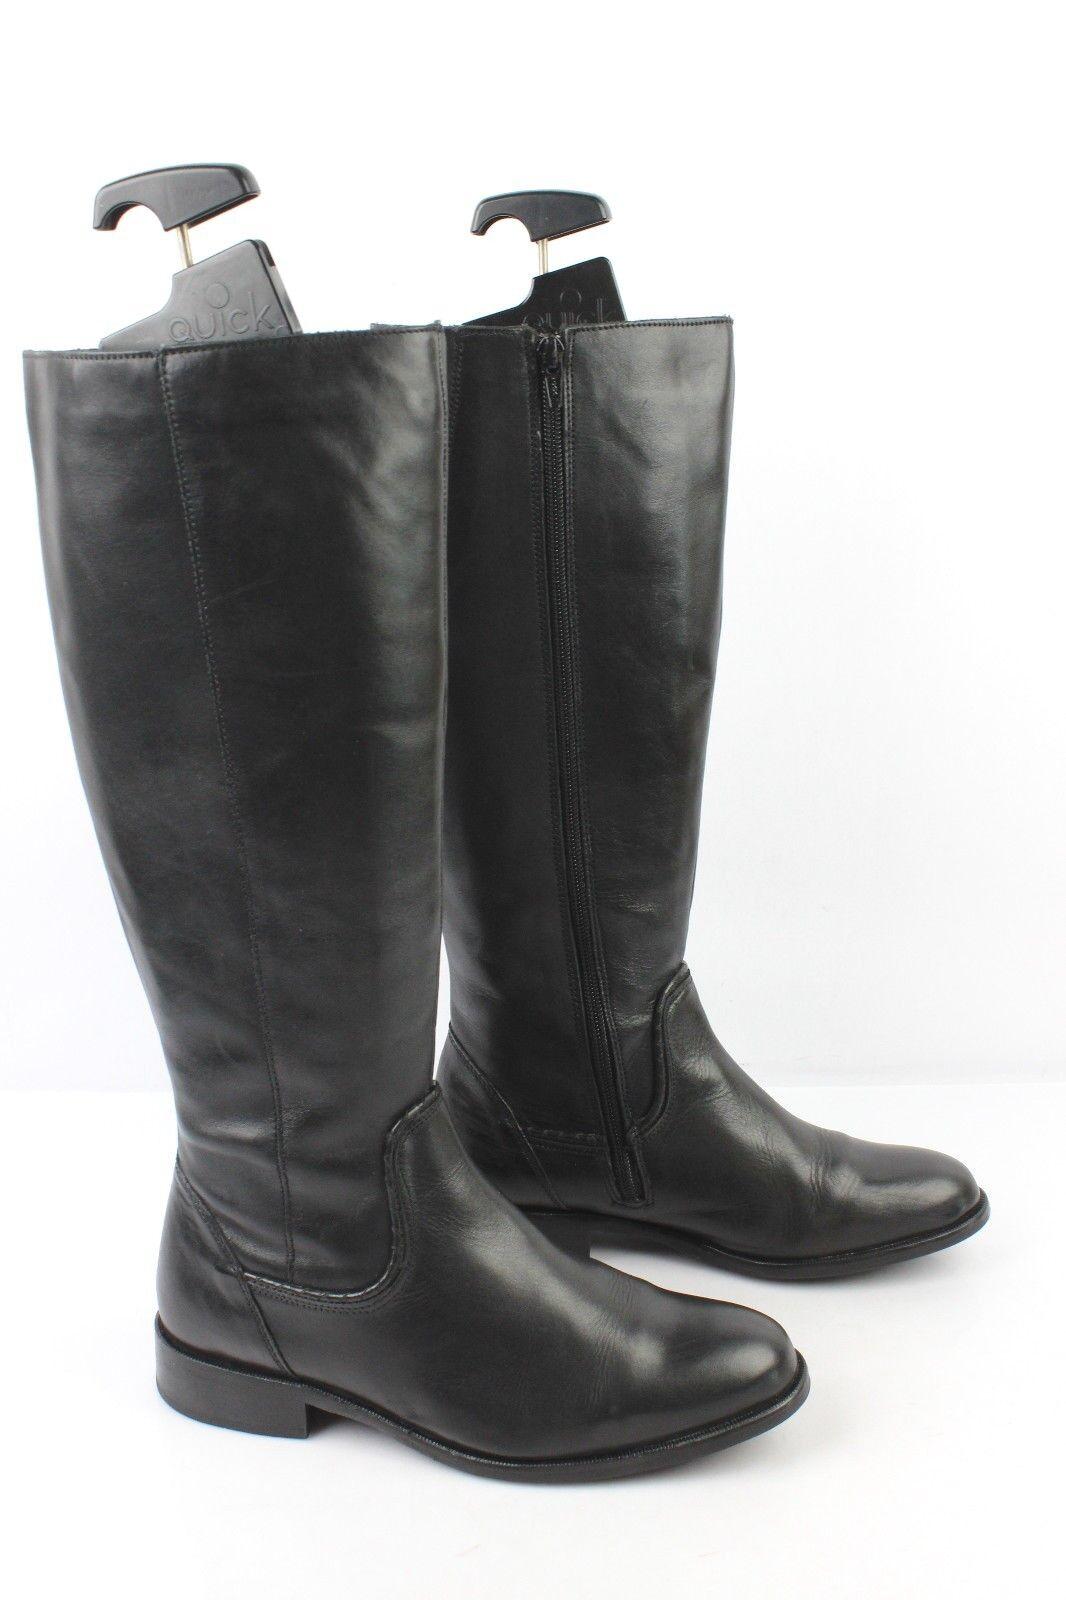 Stiefel DIANELA MORI Vollleder guter schwarz t 37 sehr guter Vollleder Zustand b5bd40